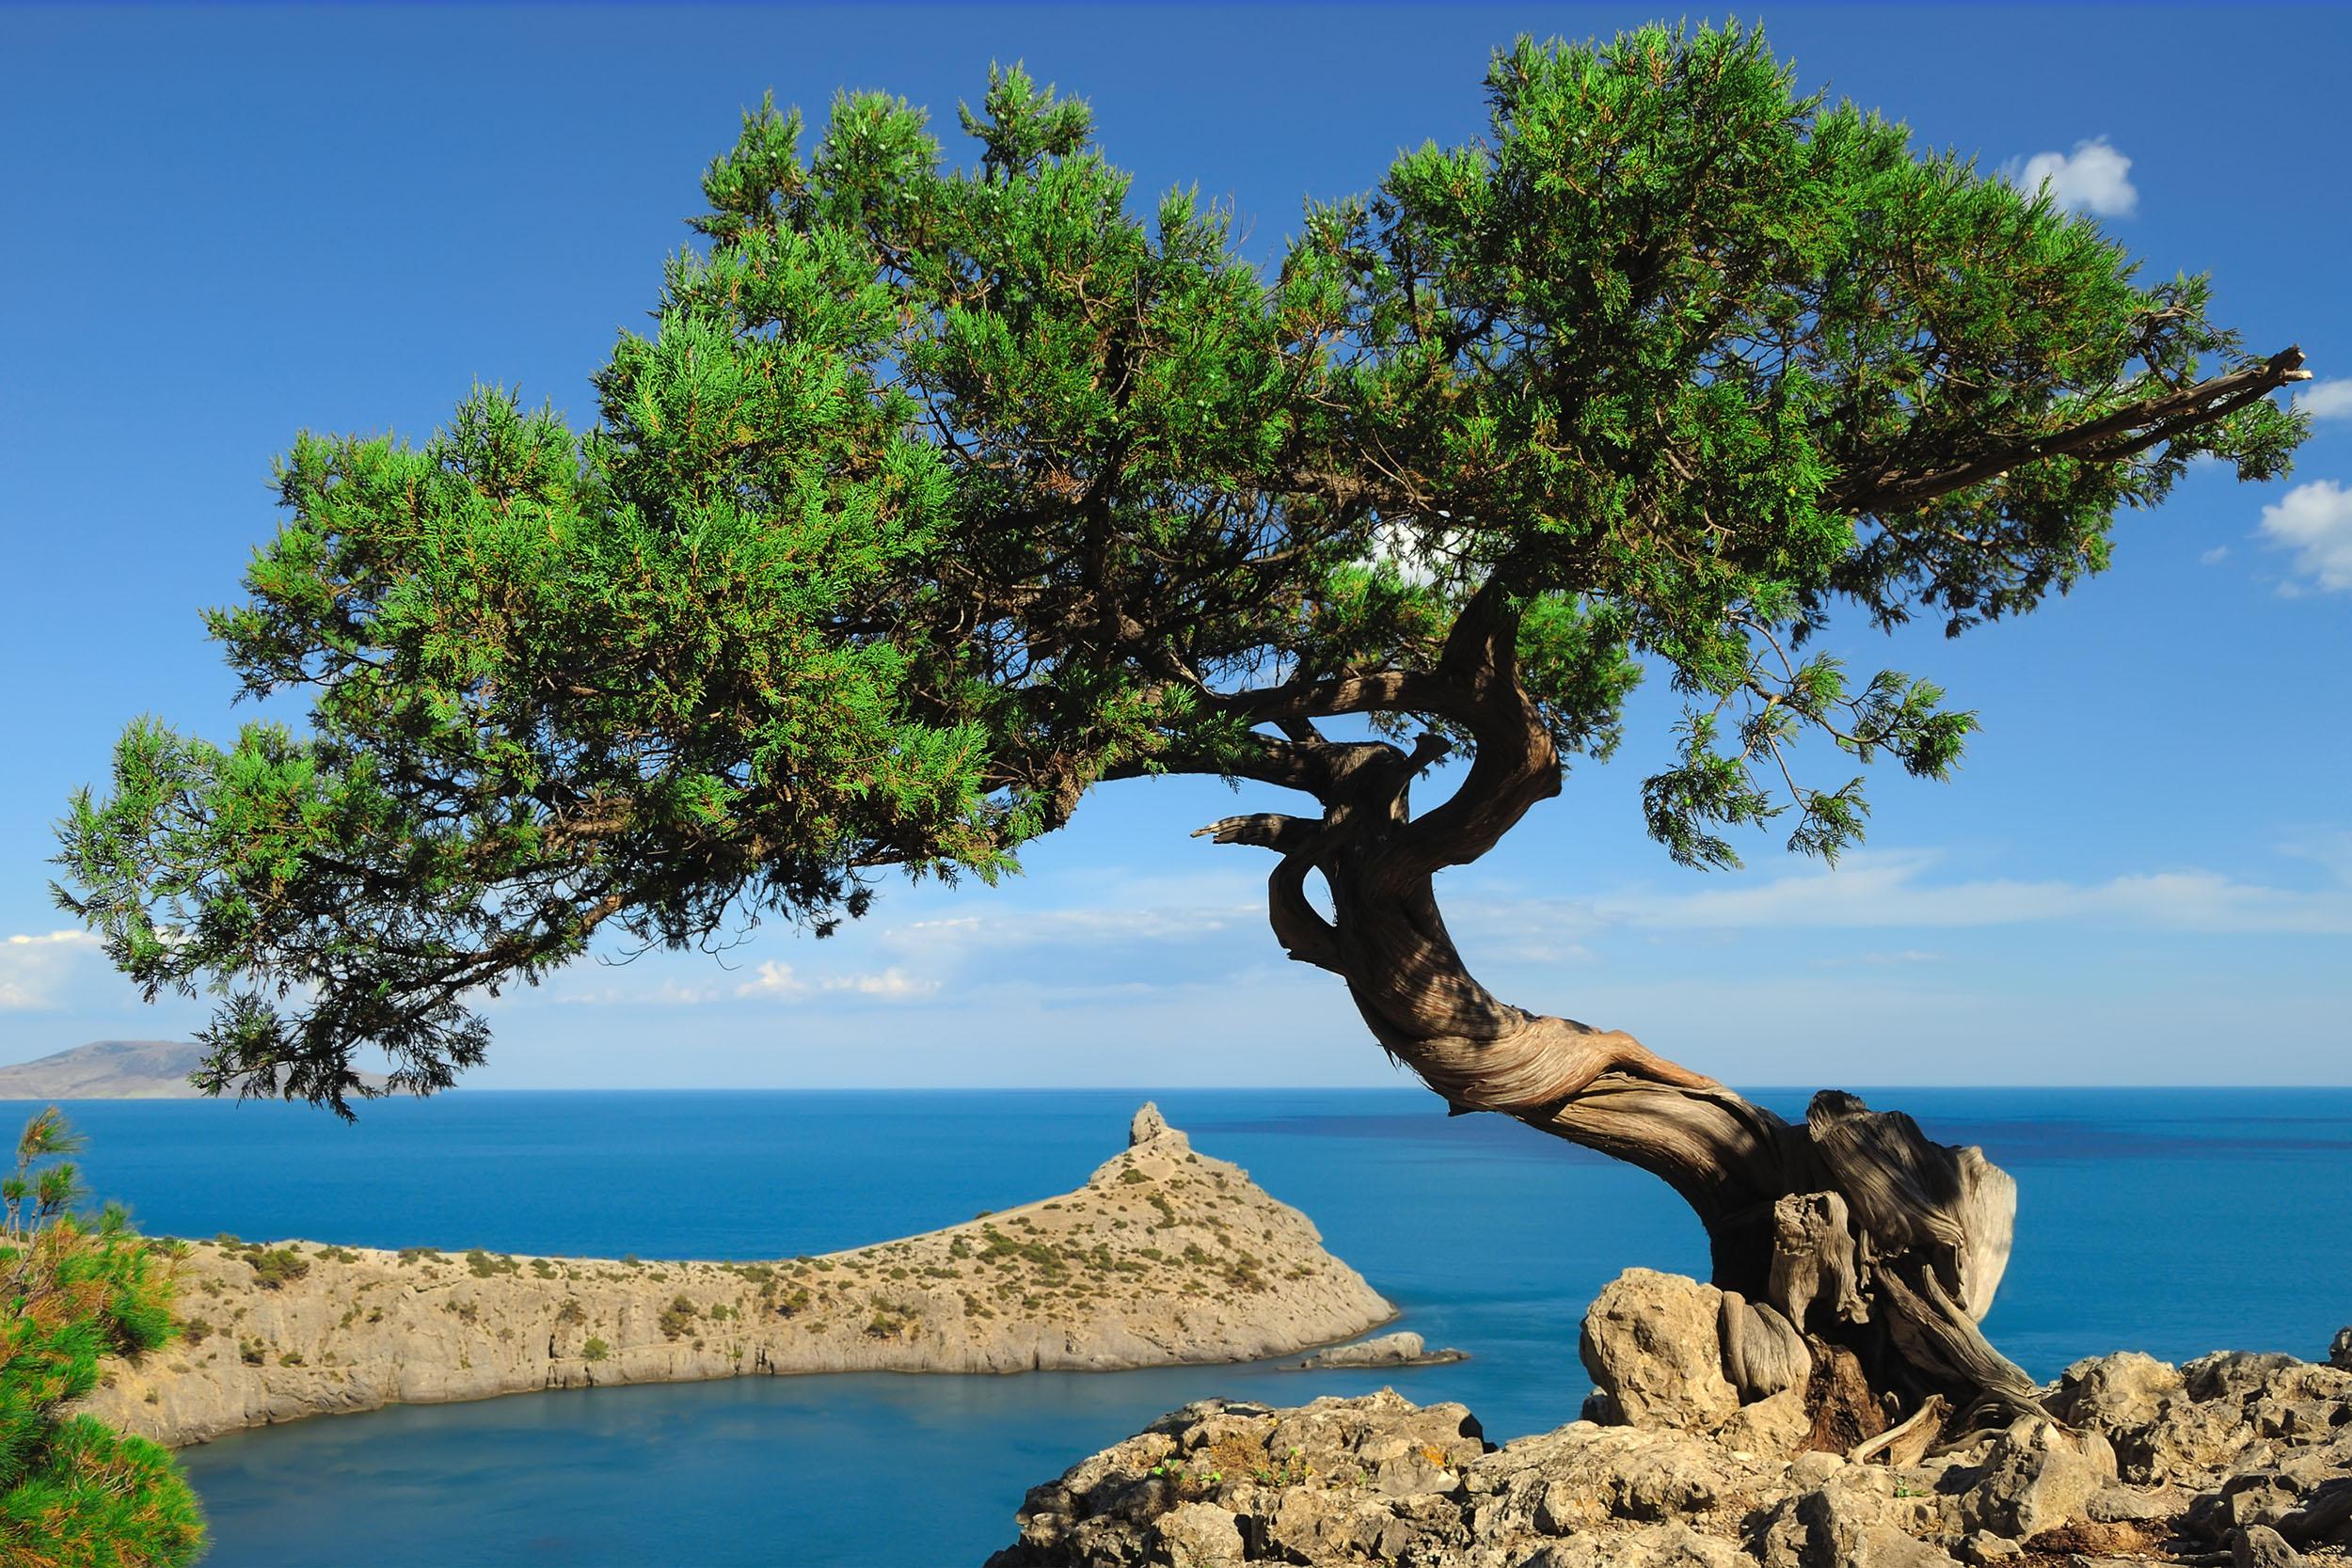 Gymnosperm -- Juniper tree